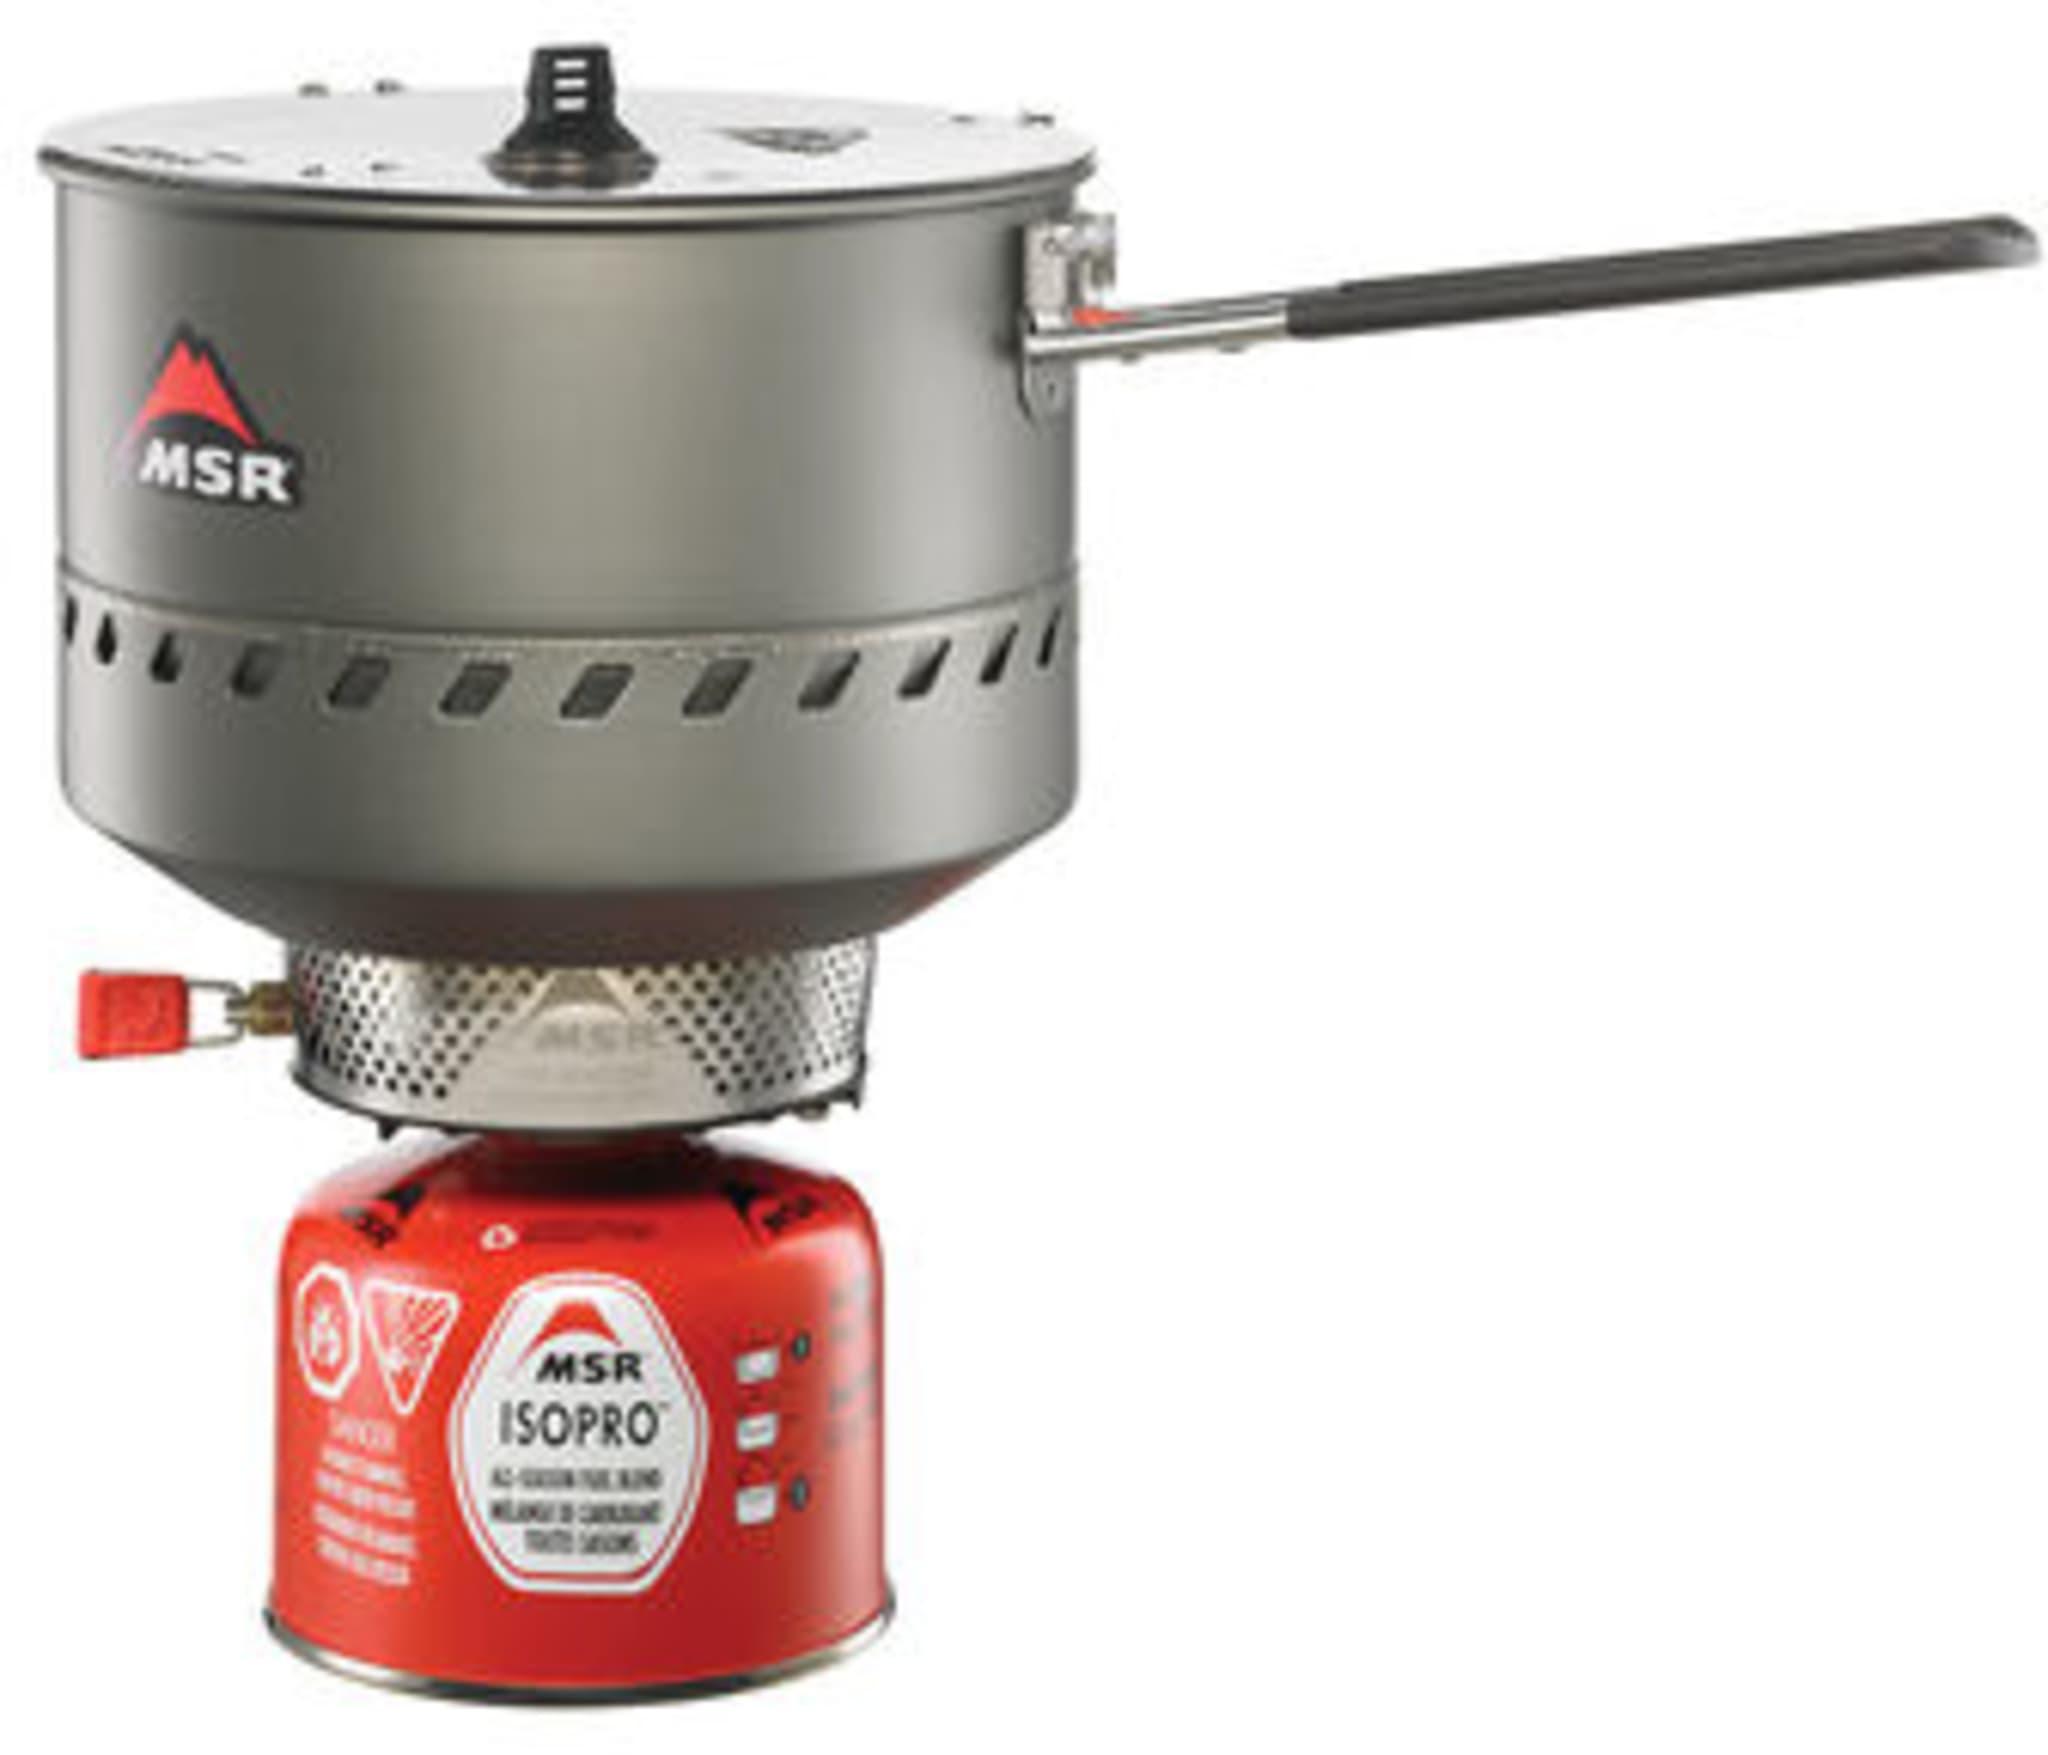 Verdens beste kokesystem!?